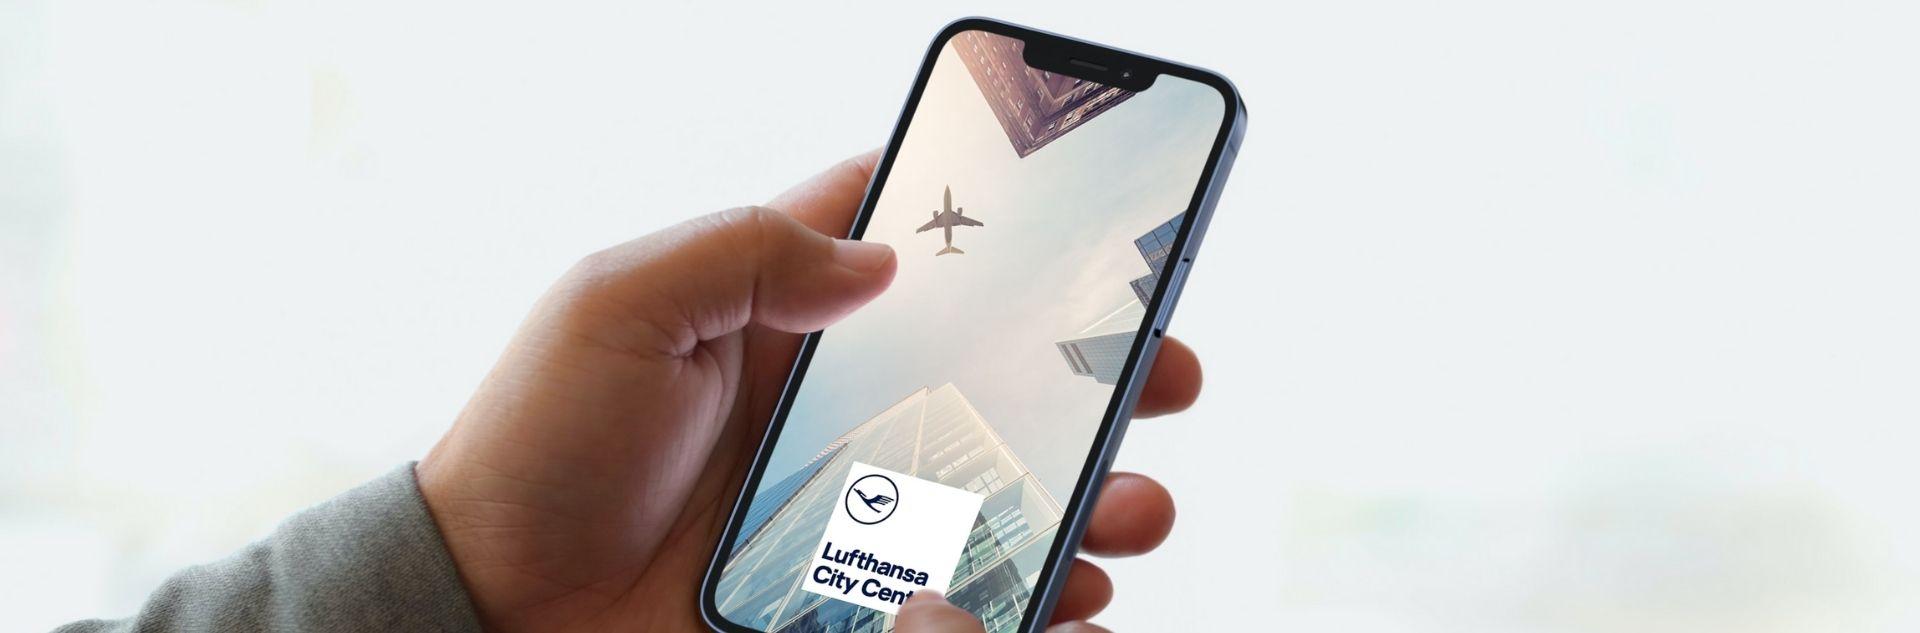 Hand mit Smartphone und LCC App auf dem Display mit Logo